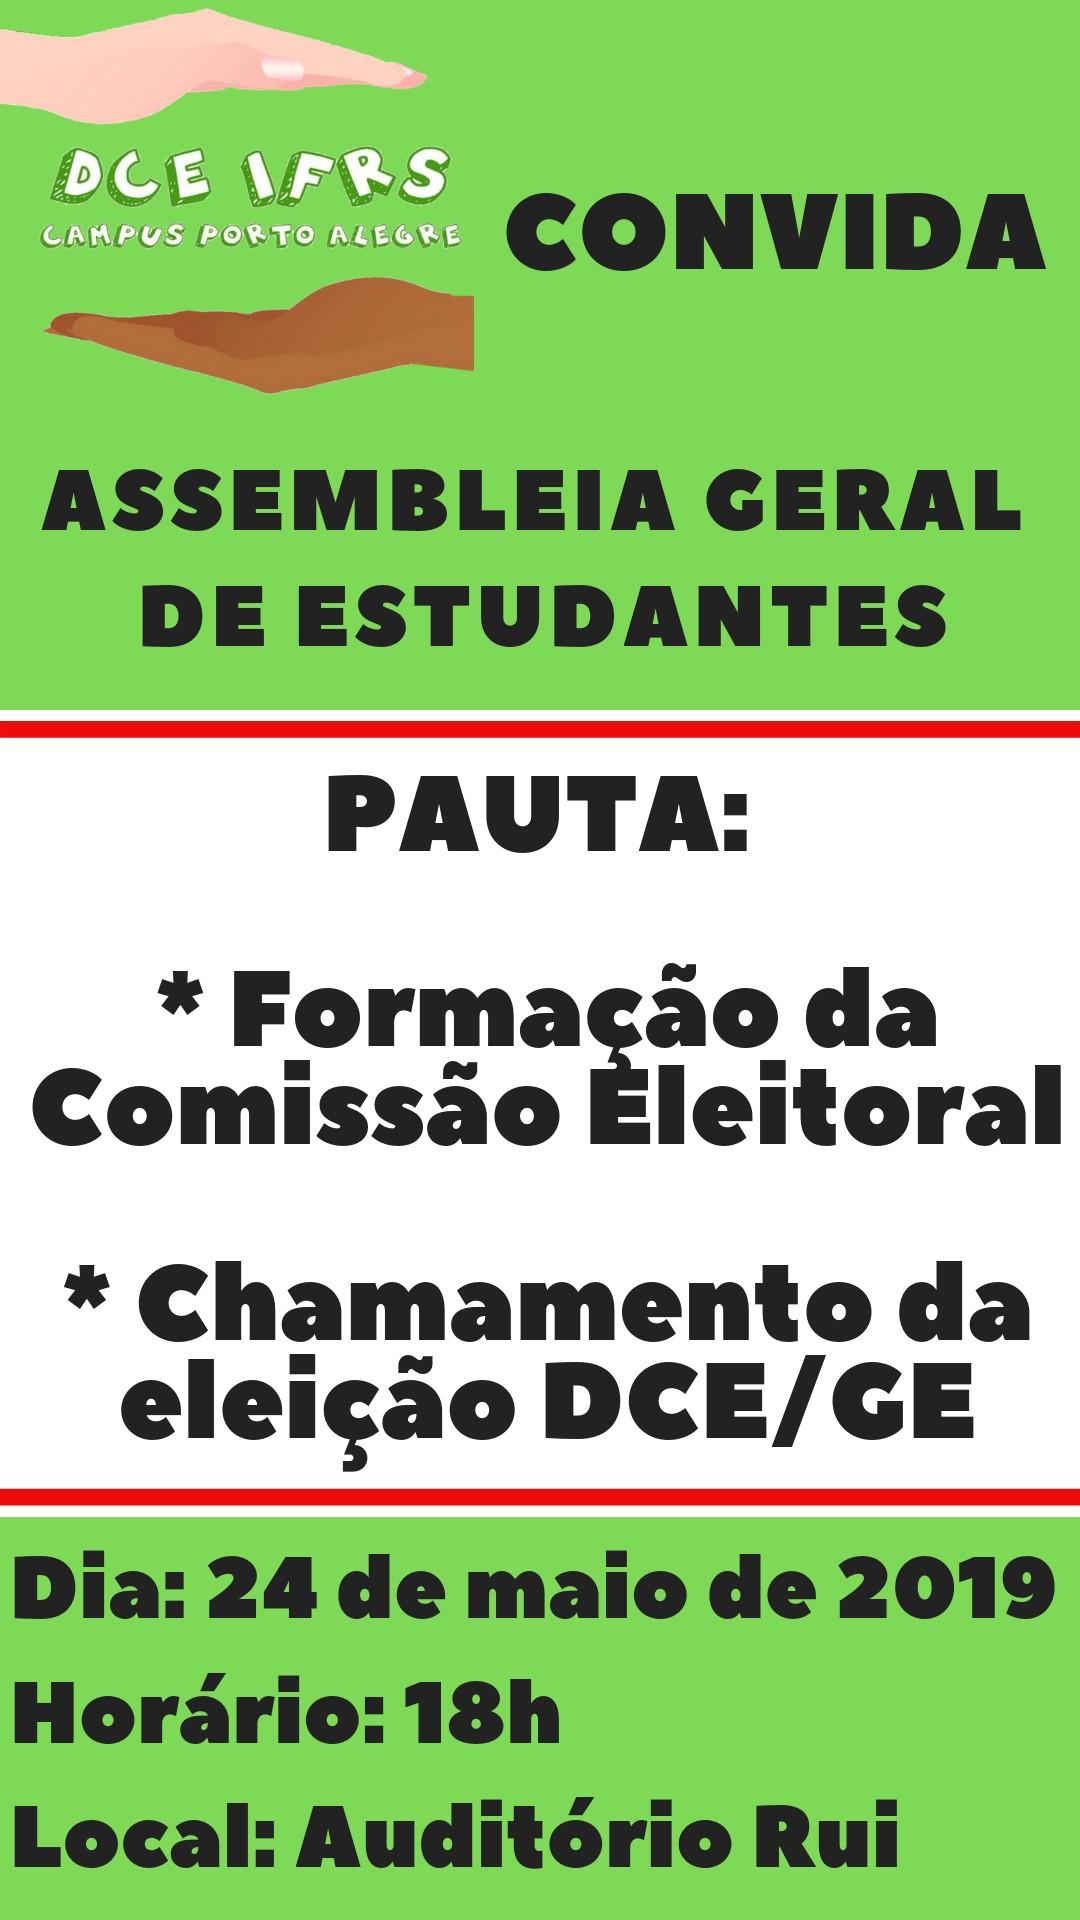 DCE do Campus Porto Alegre convida para assembleia geral de estudantes no dia 24 05